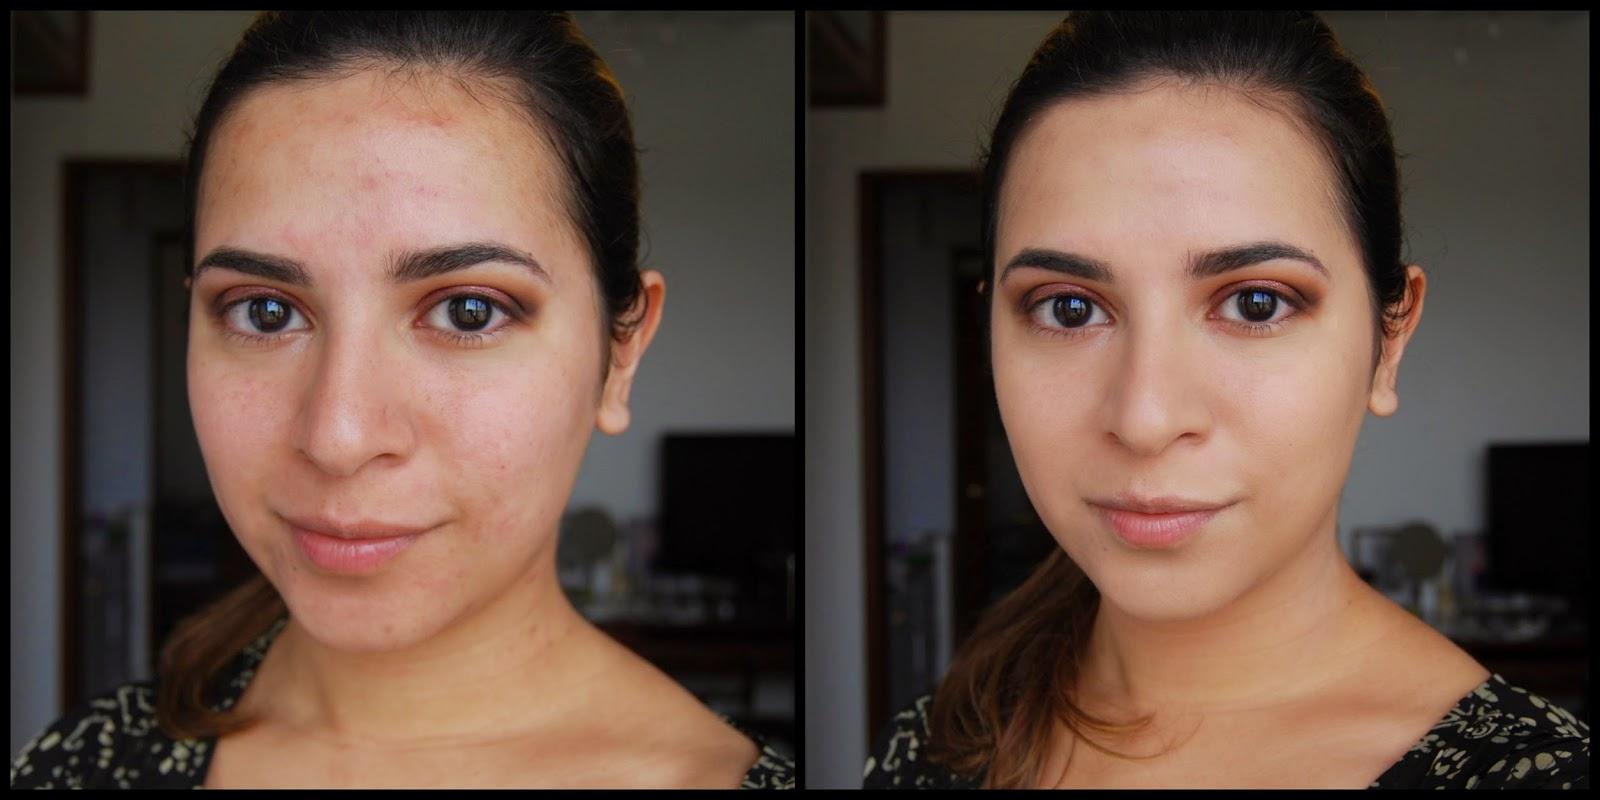 жирная кожа расширенные поры что делать Чистка лица «Комодекс» | Блог Агиделии